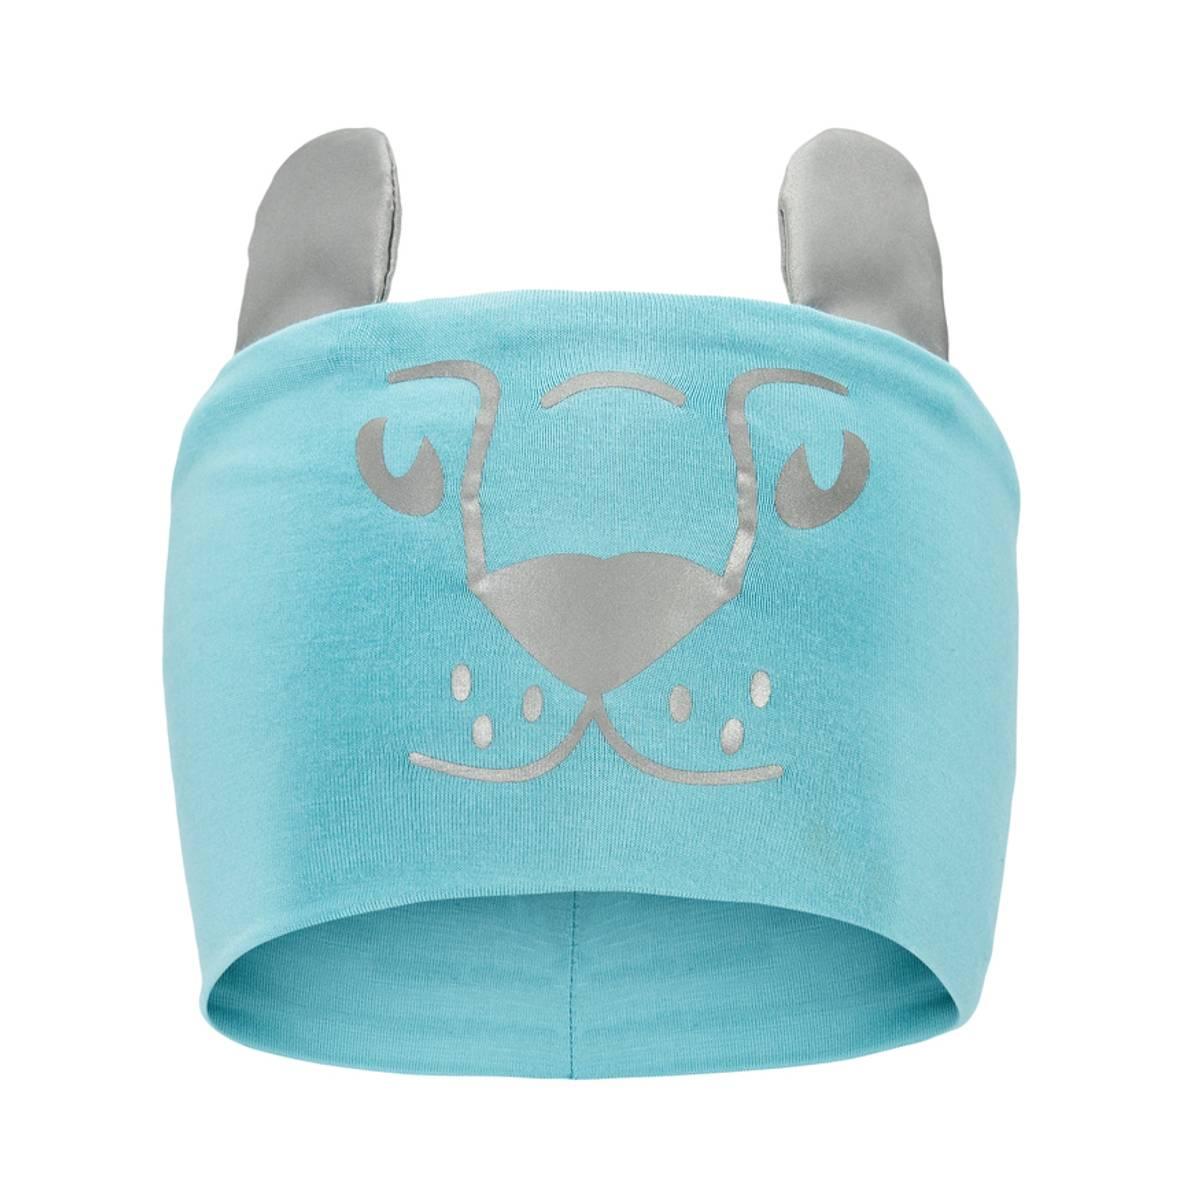 Morild Funkle pannebånd med refleks, lyseblå løveunge